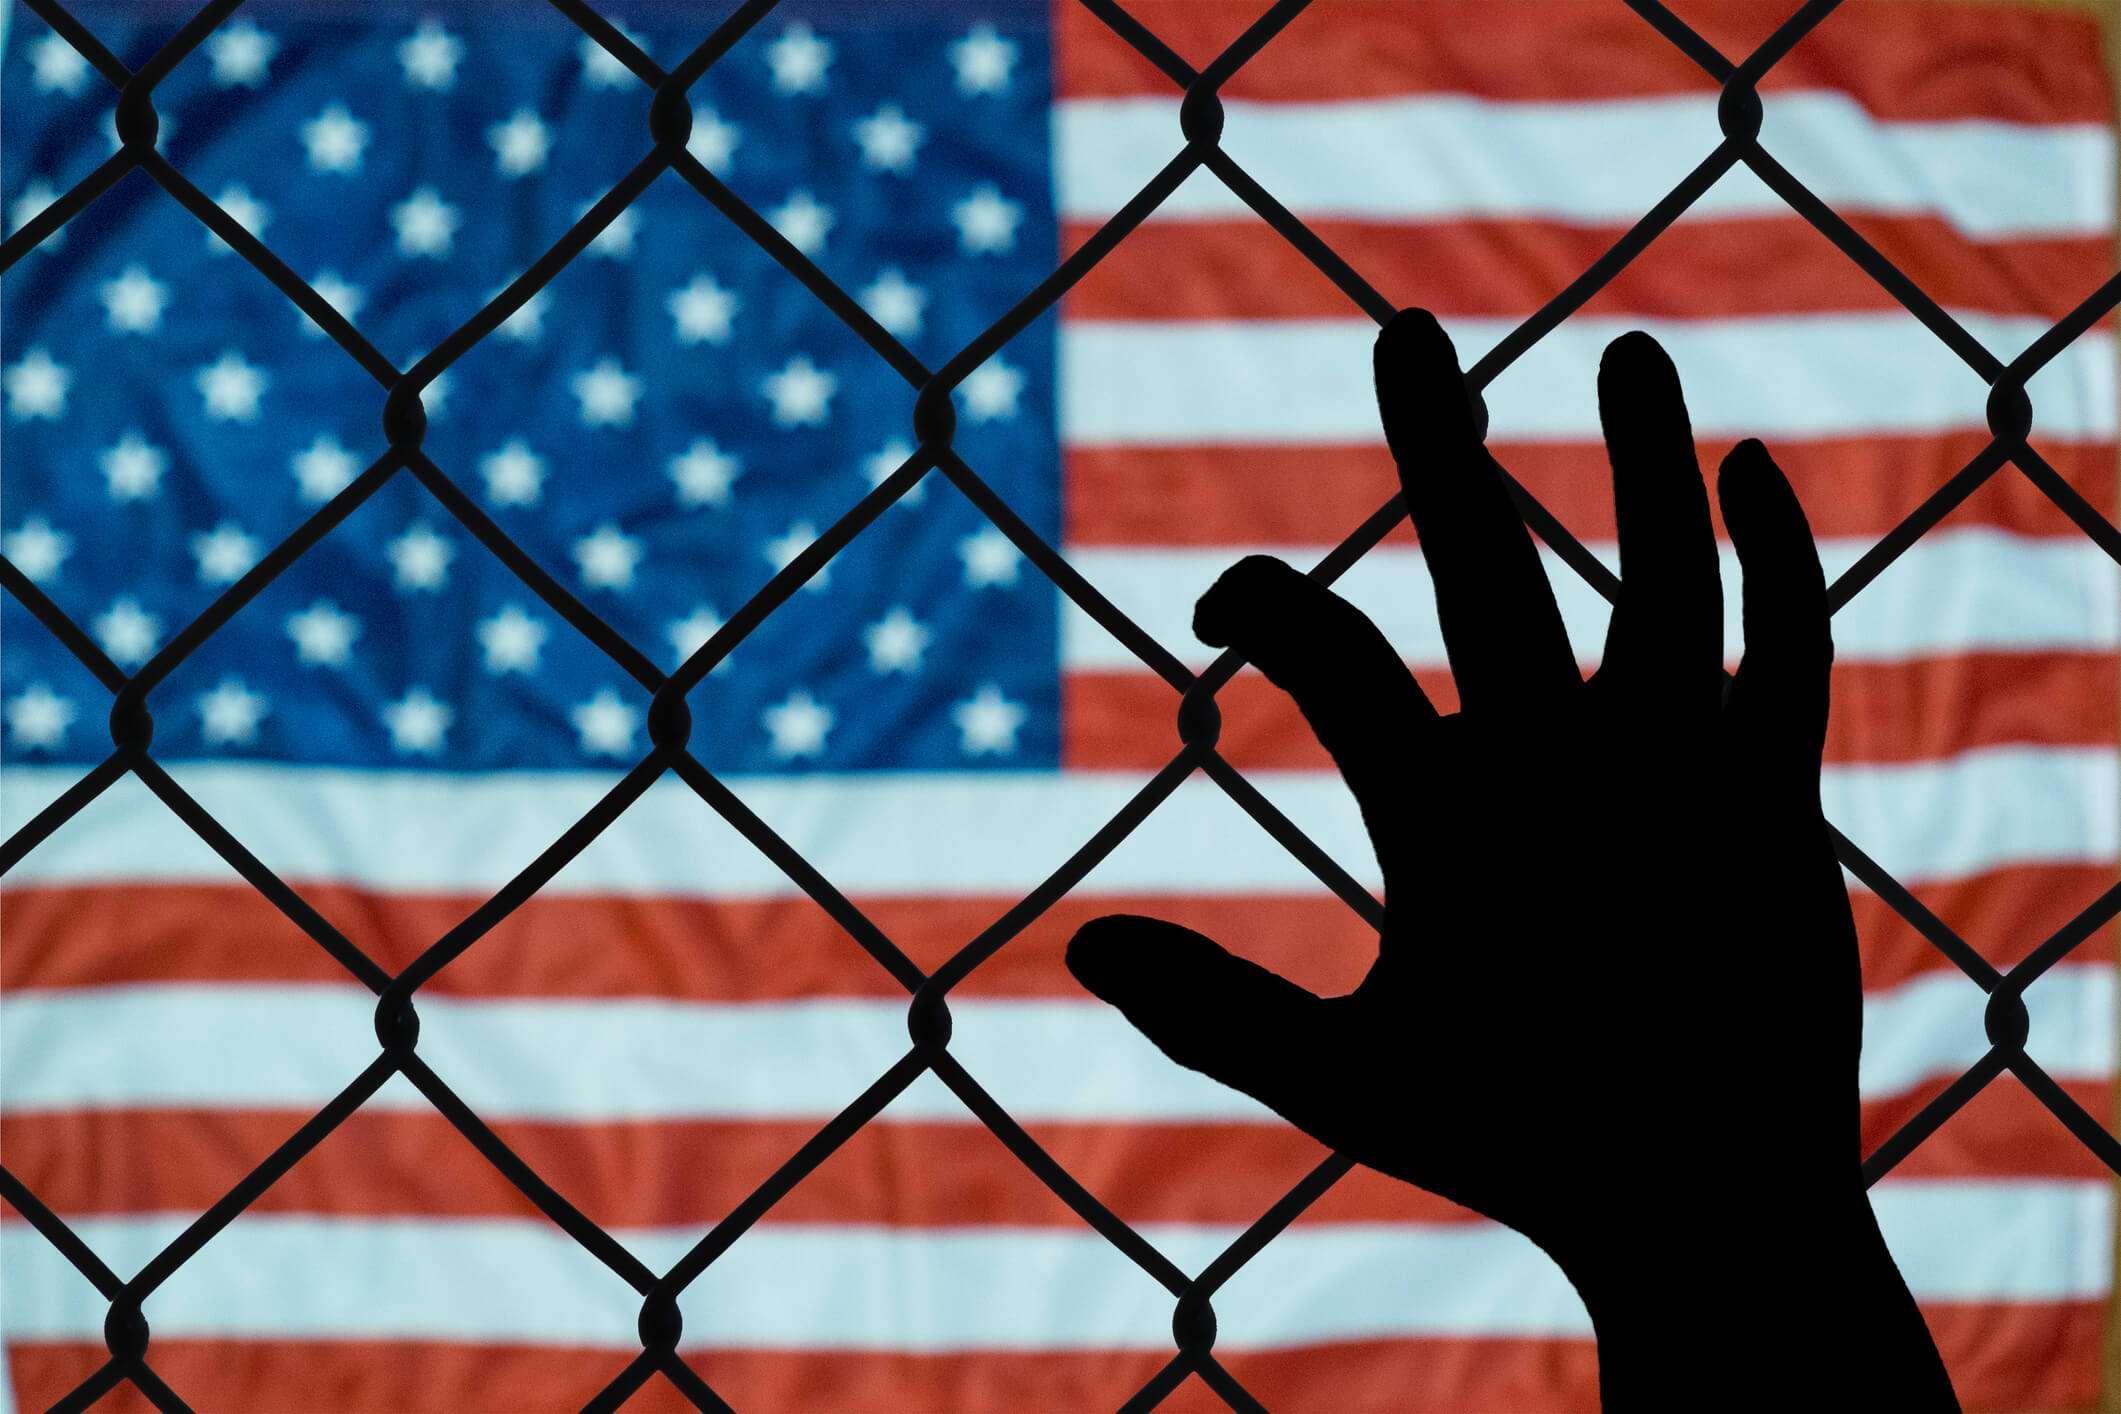 A imigração ilegal não vale a pena! Conheça os riscos e por que evitá-la